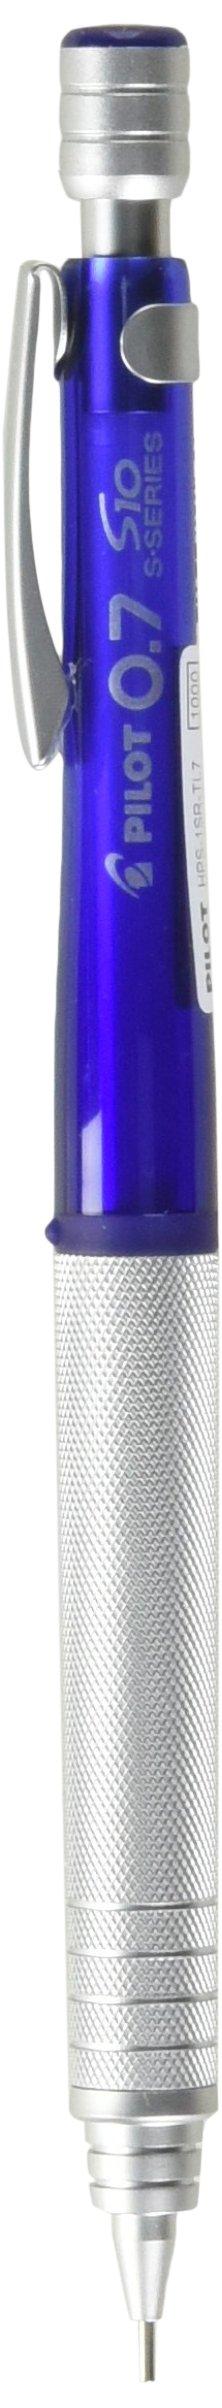 Pilot Portaminas S10, Cuerpo Azul Transparente... ()